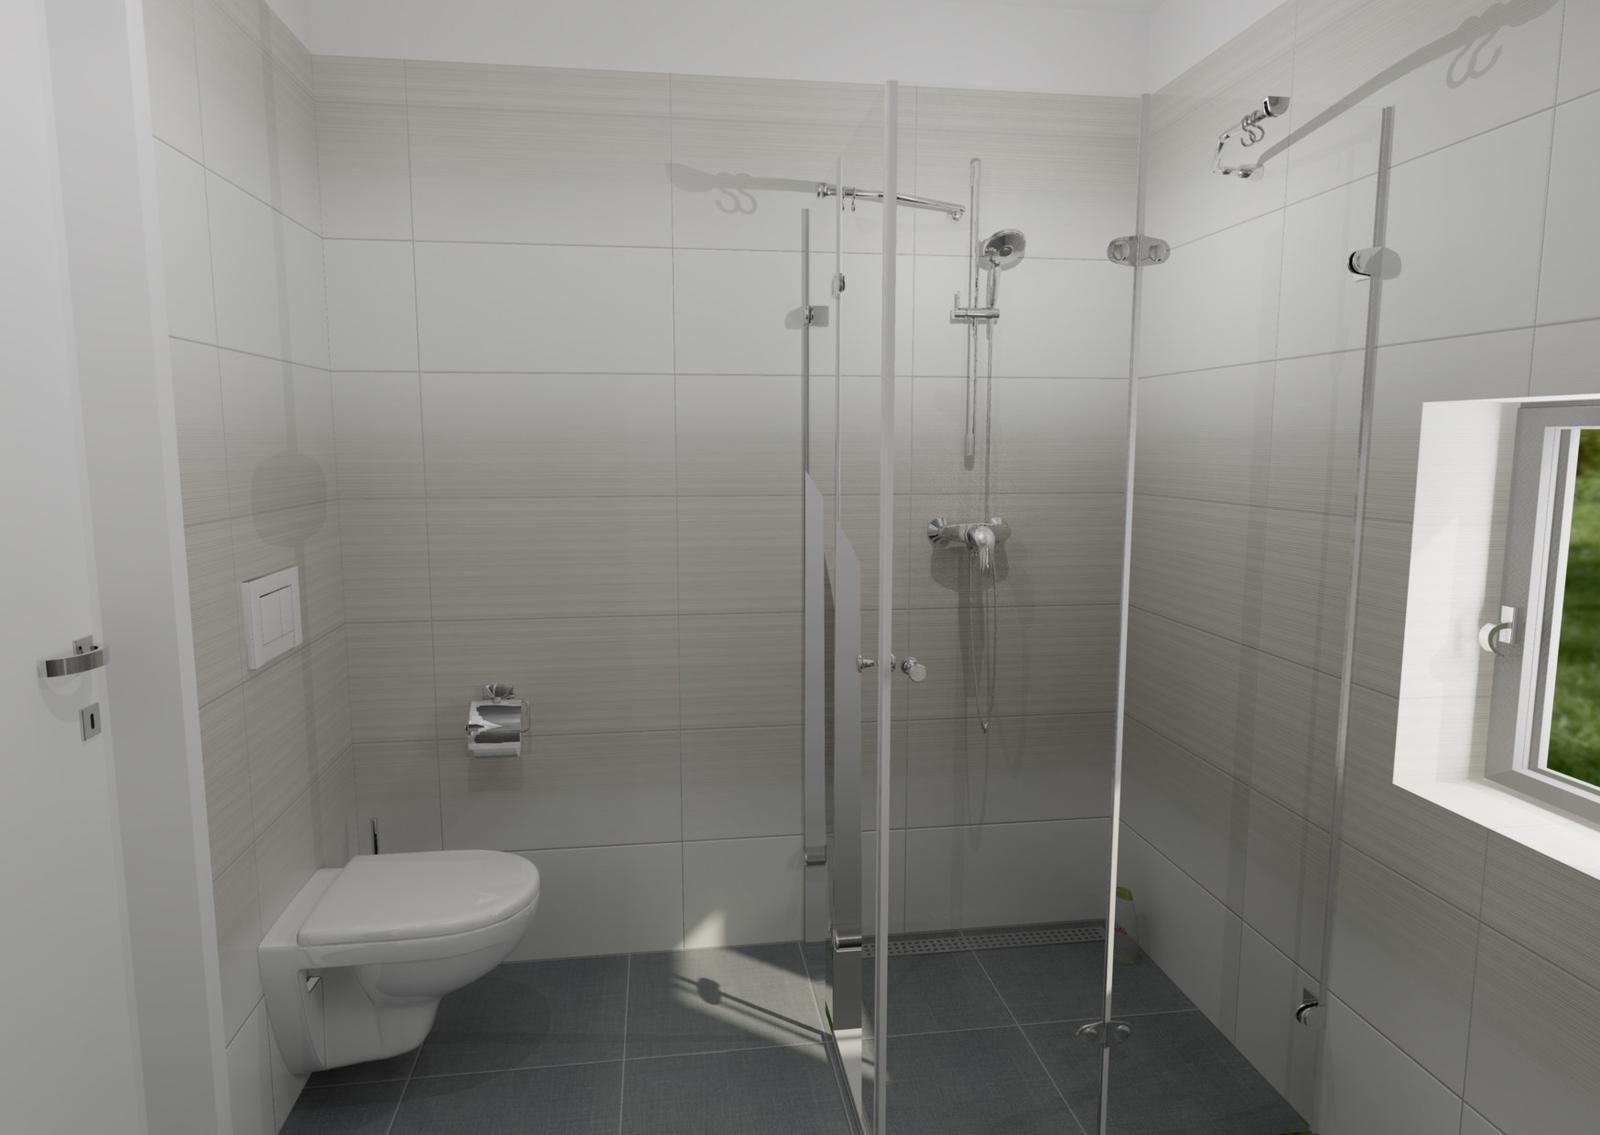 Přišly mi vizualizace koupelen. koupelny... - Obrázek č. 2